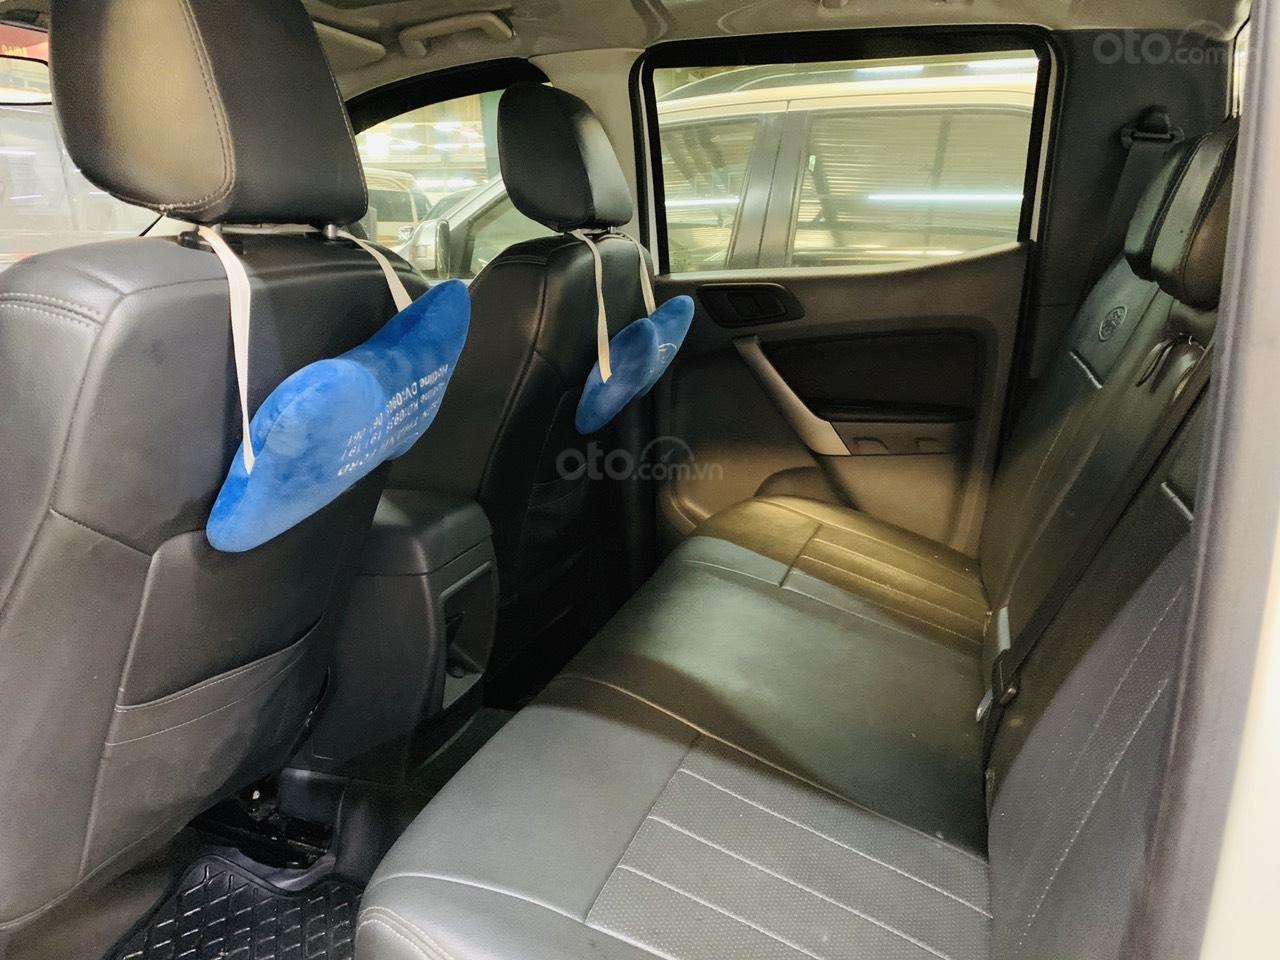 Ford Ranger XLS MT 2016 - Hỗ trợ vay 70% - 5 năm (5)